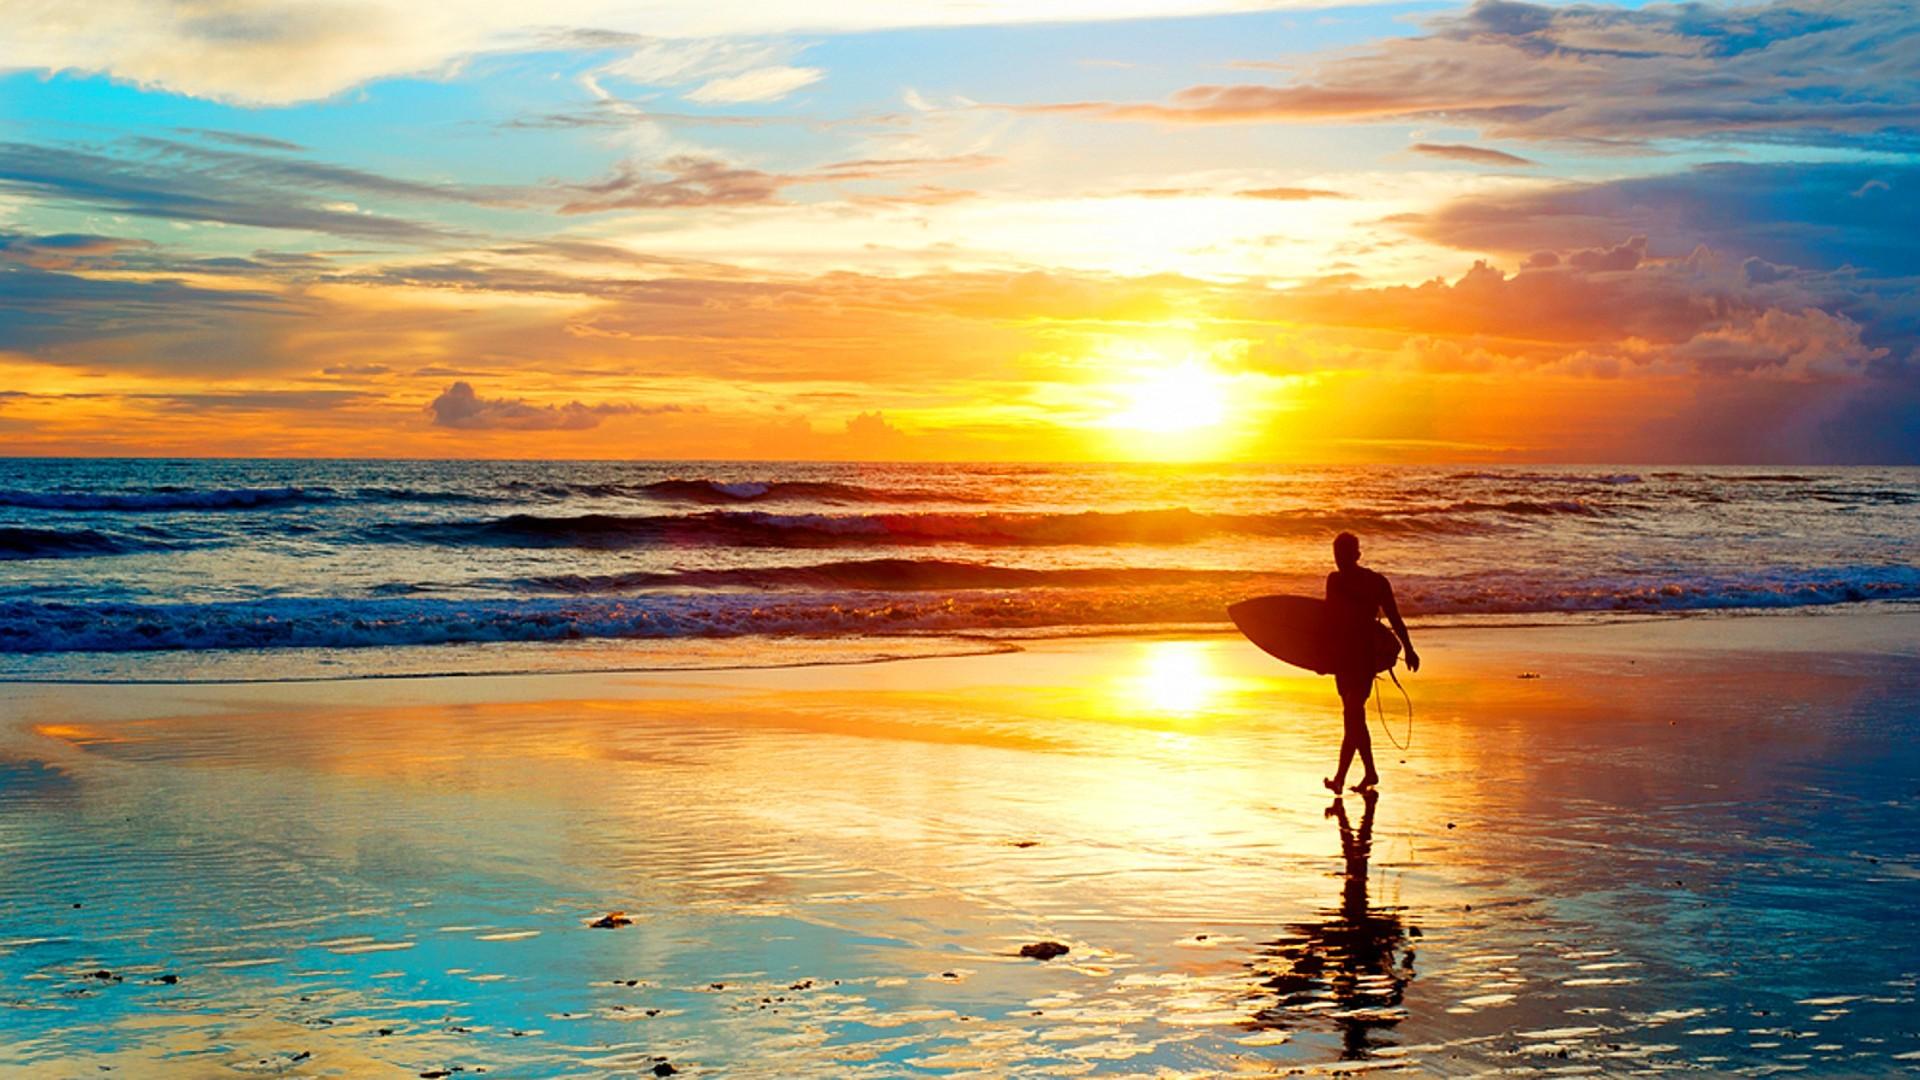 Res: 1920x1080, Summer Beach Surf Sunset Wallpaper